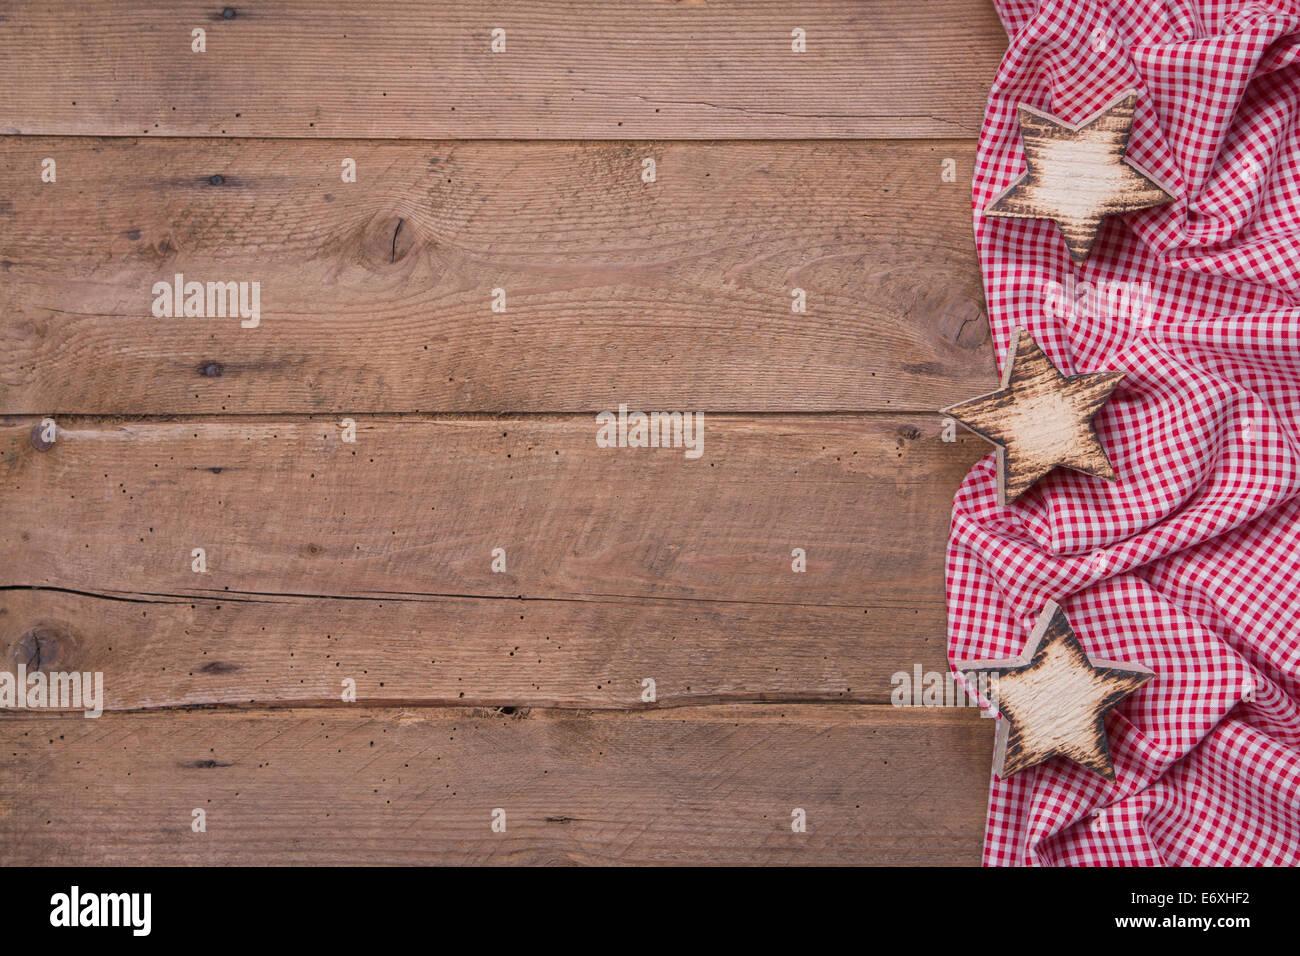 Fondo de madera con estrellas y un marco rojo a cuadros para Navidad ...